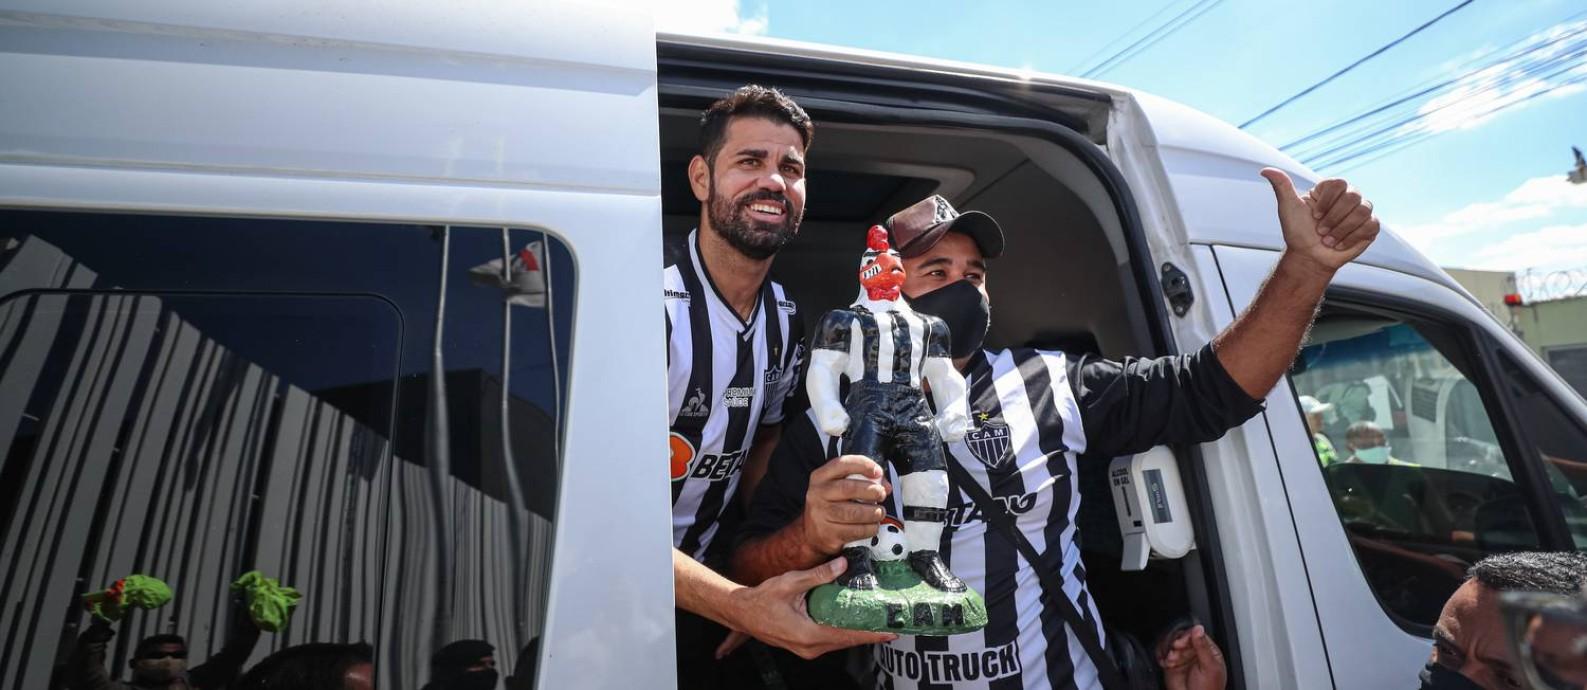 Diego Souza, última contratação de peso do Atlético-MG. Foto: Reprodução/Pedro Souza/Atlético